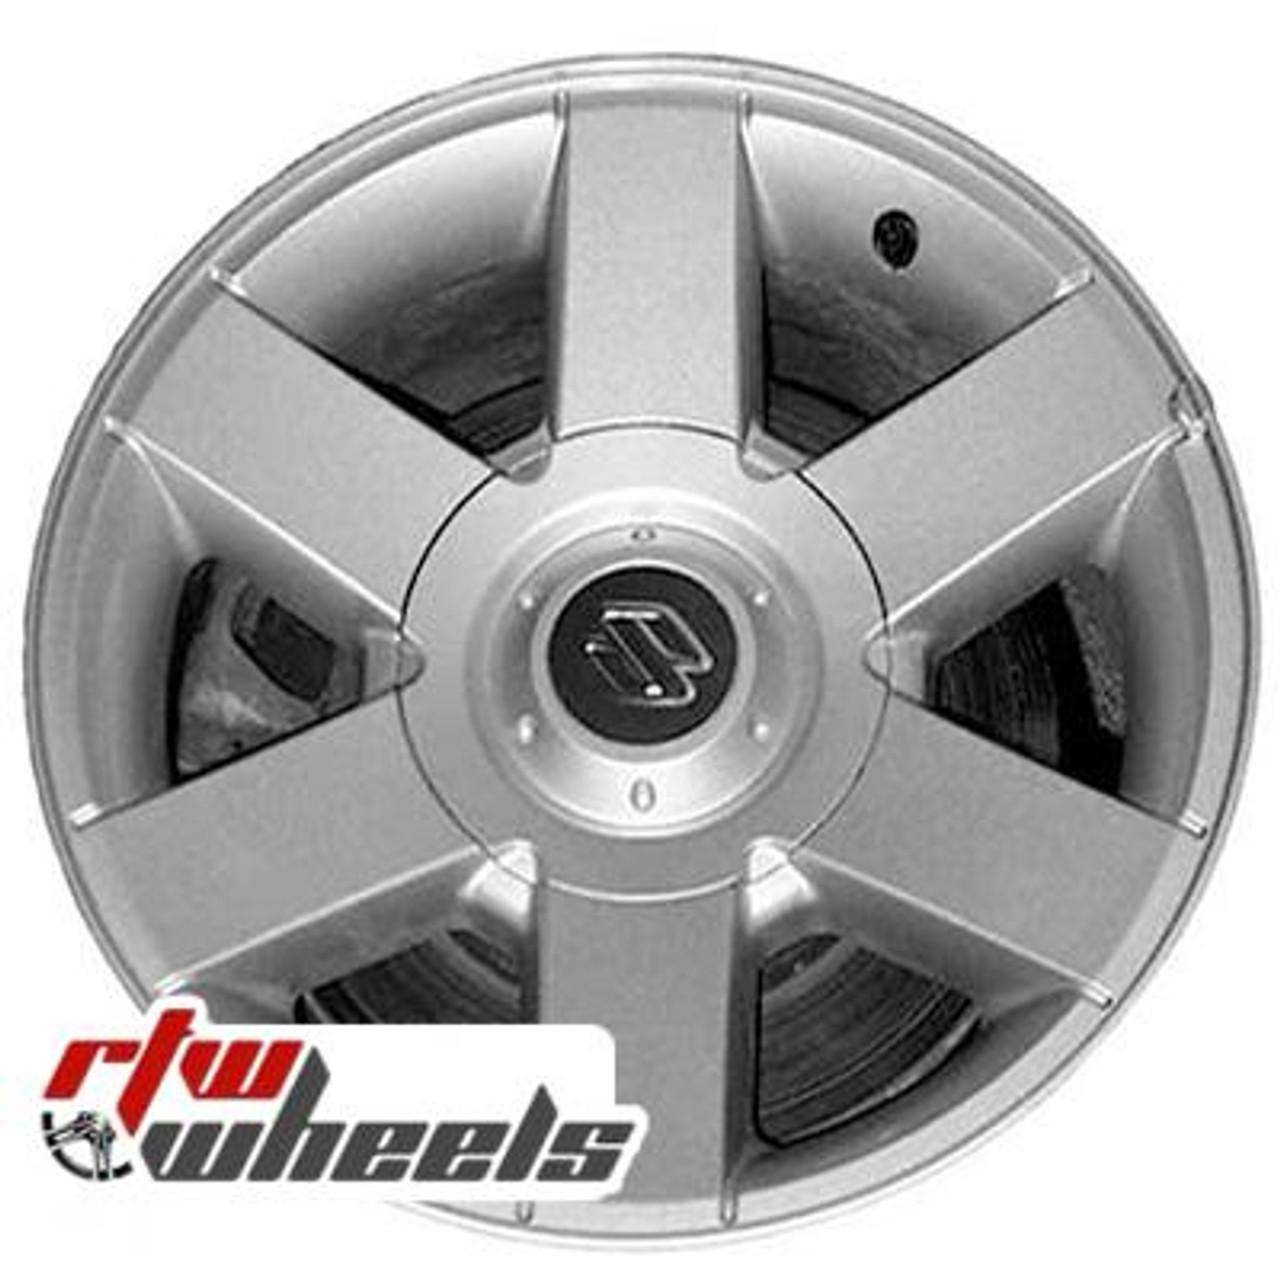 suzuki xl7 oem wheels 2001 2003 silver 72675 suzuki xl7 oem wheels 2001 2003 sparkle silver 72675